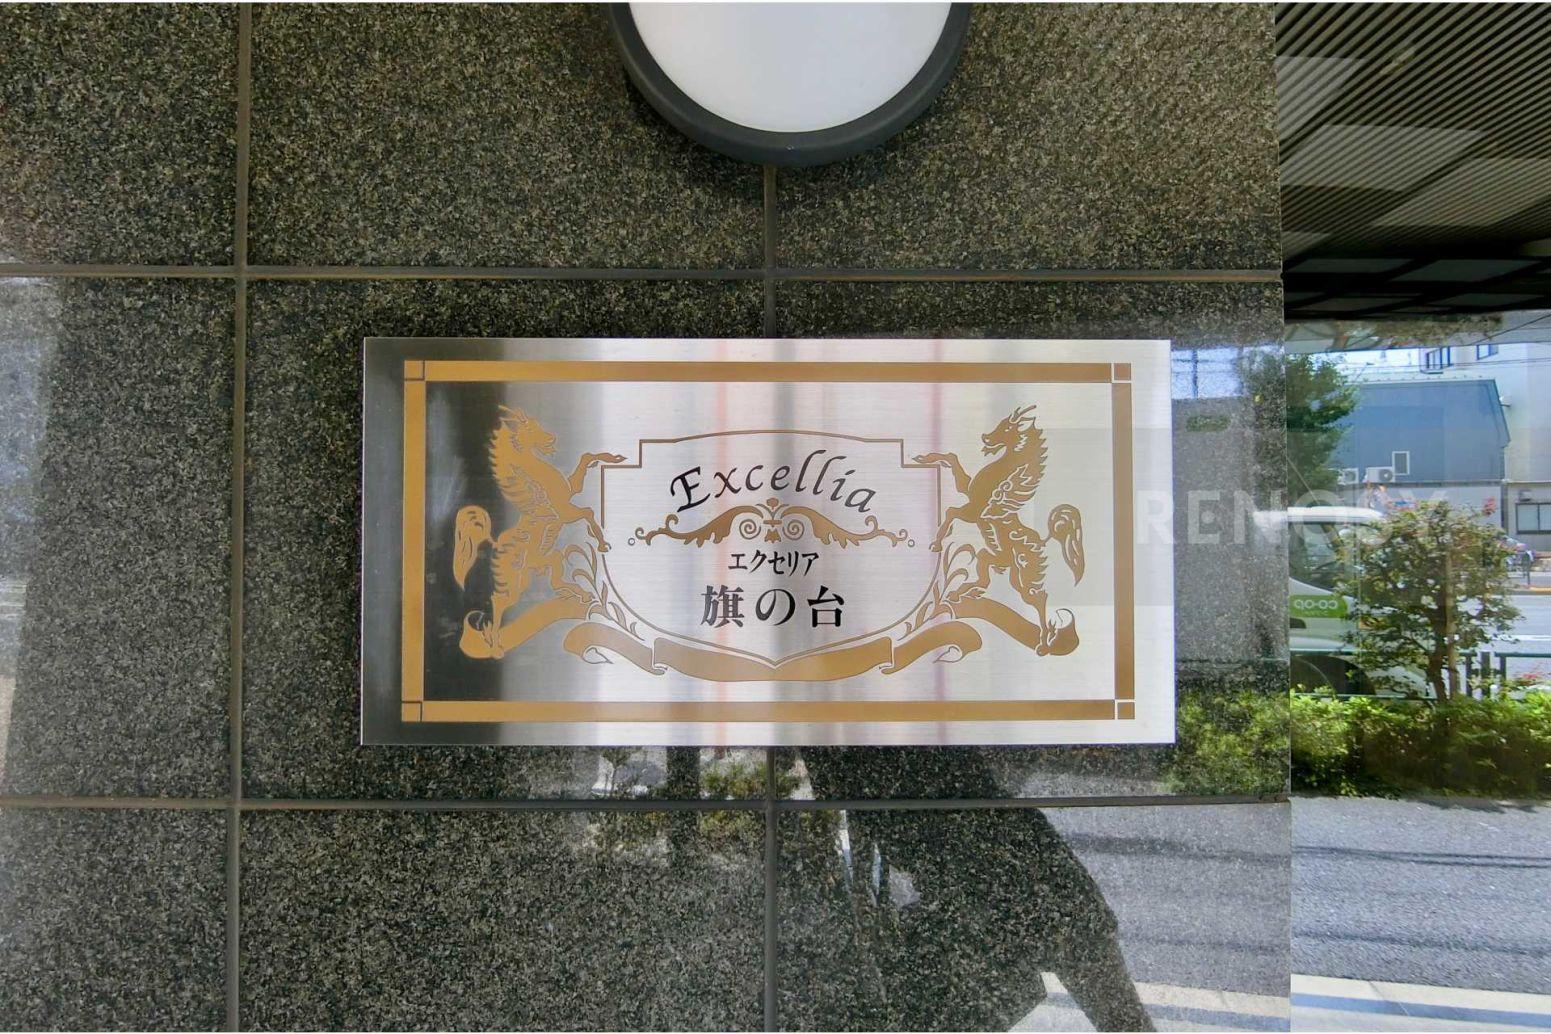 エクセリア旗の台